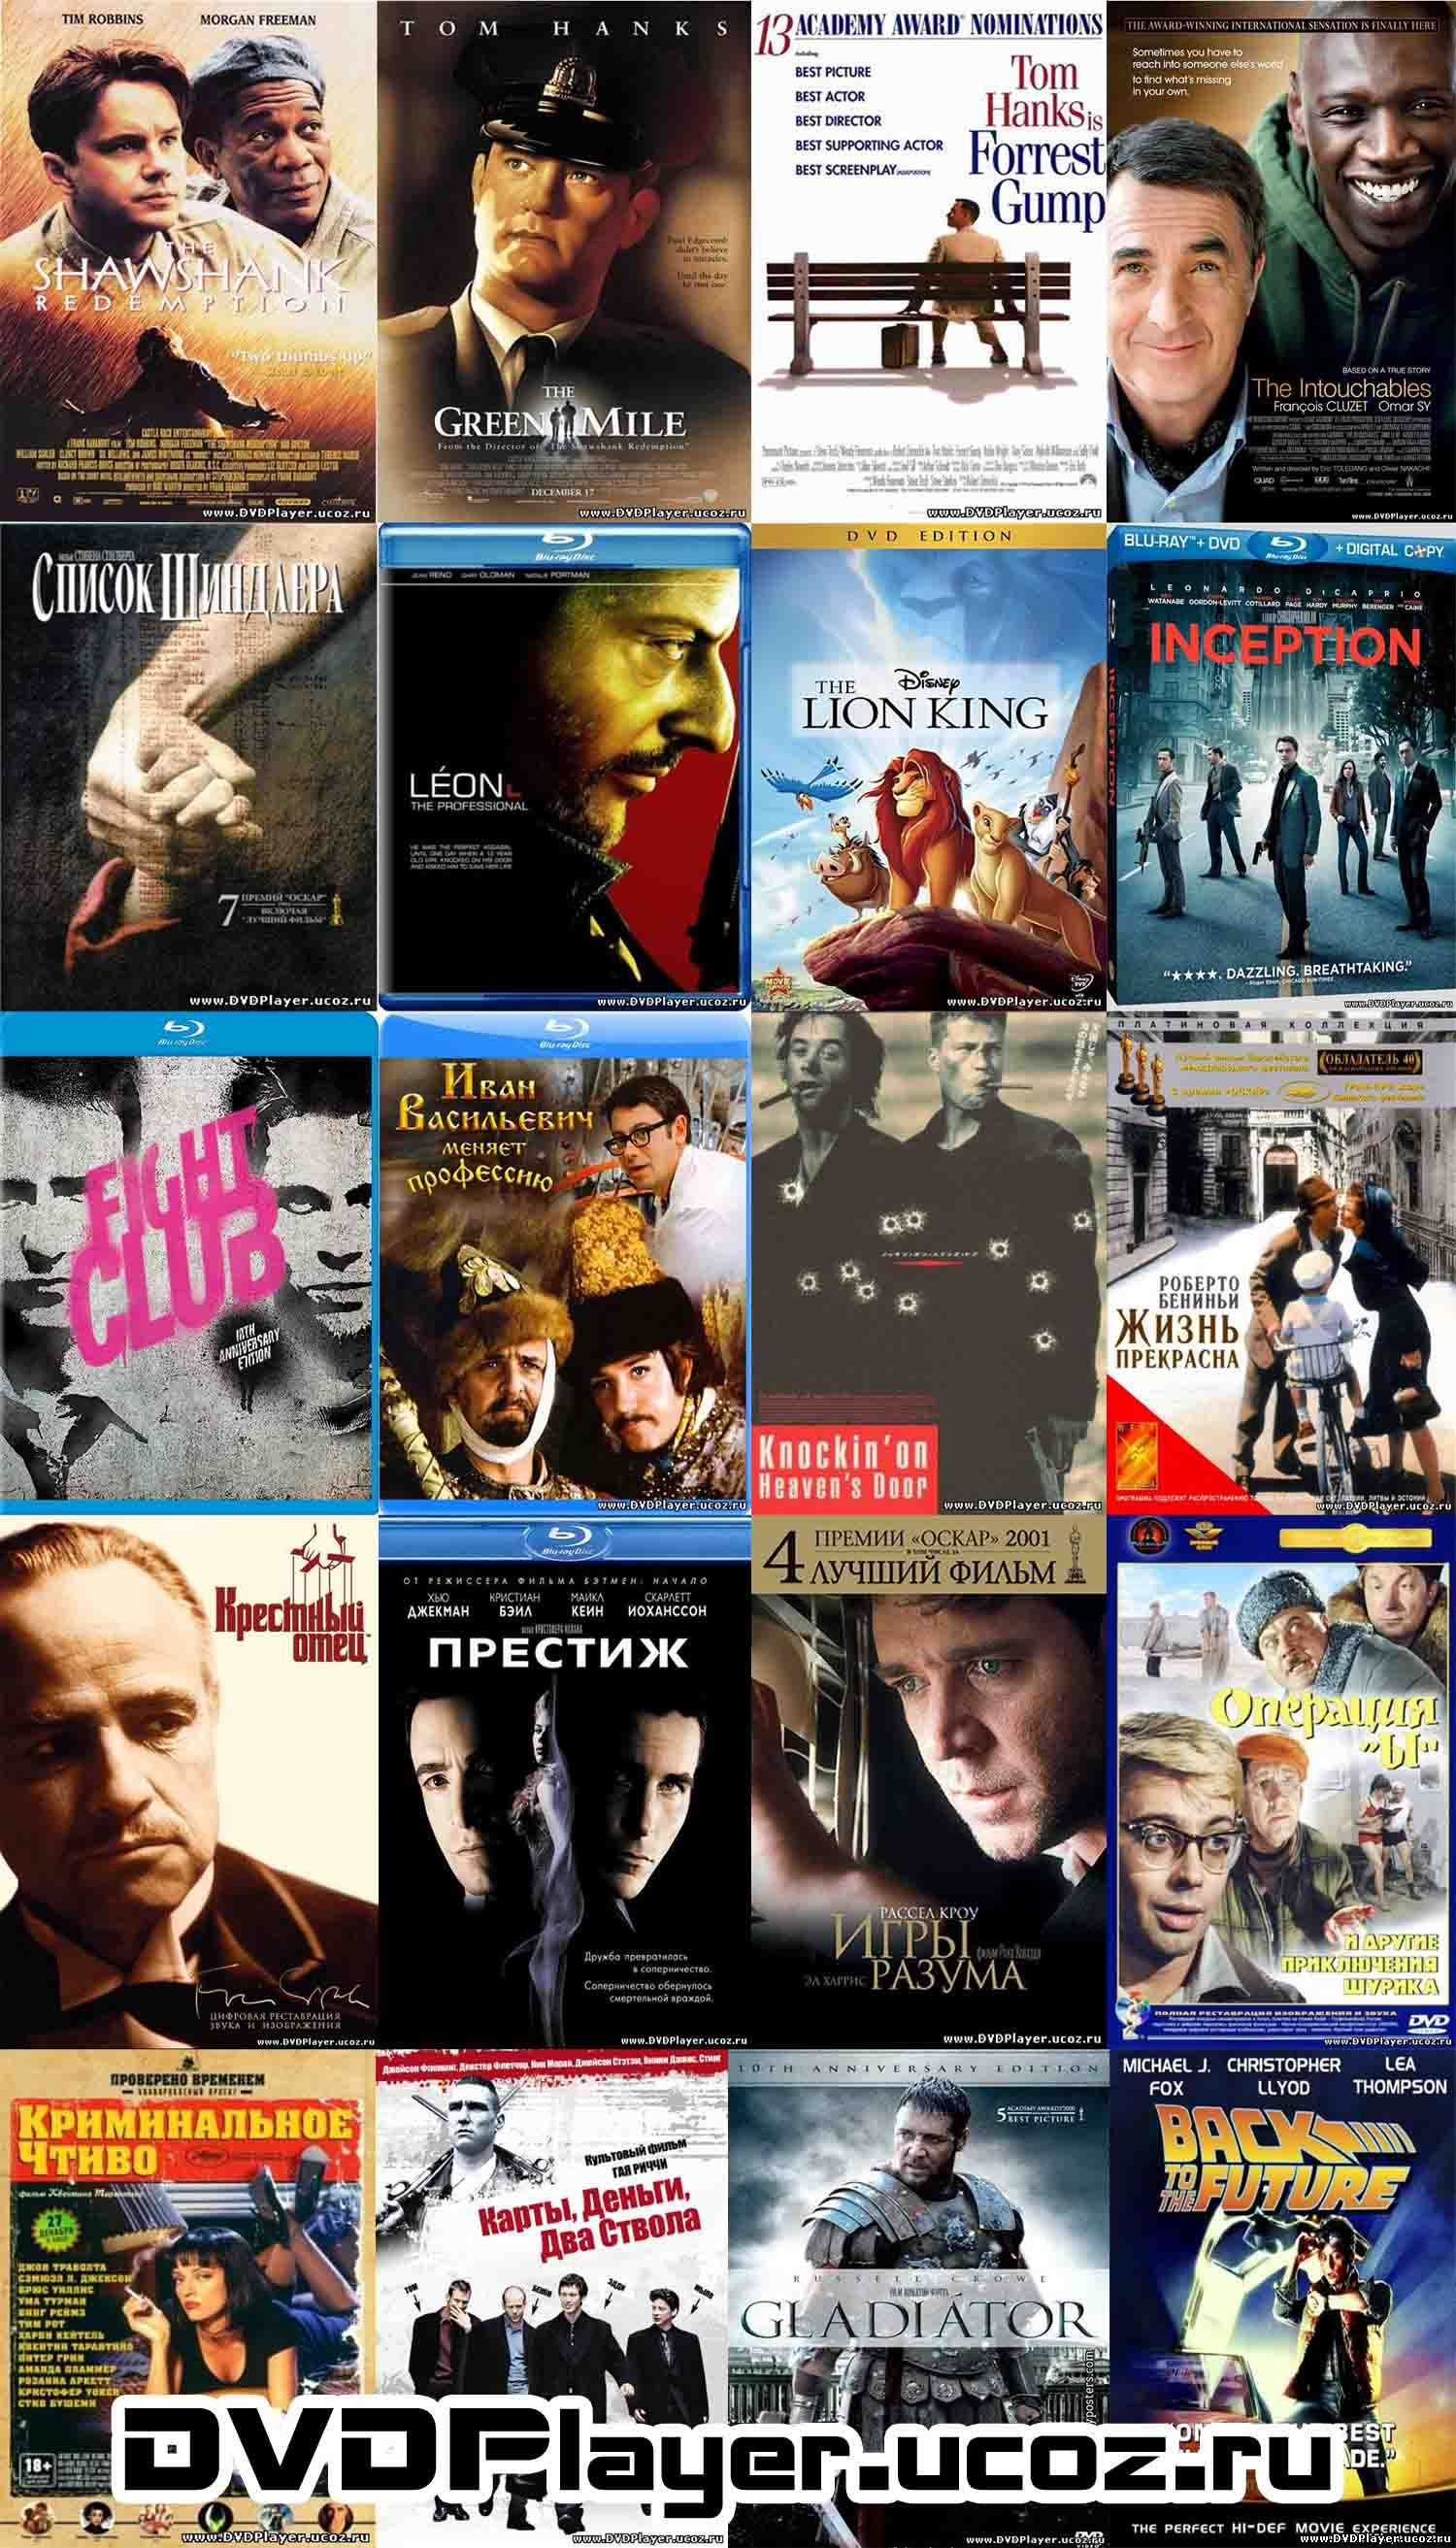 Смотреть онлайн 20 лучших фильмов за всю историю по версии сайта Кинопоиск.